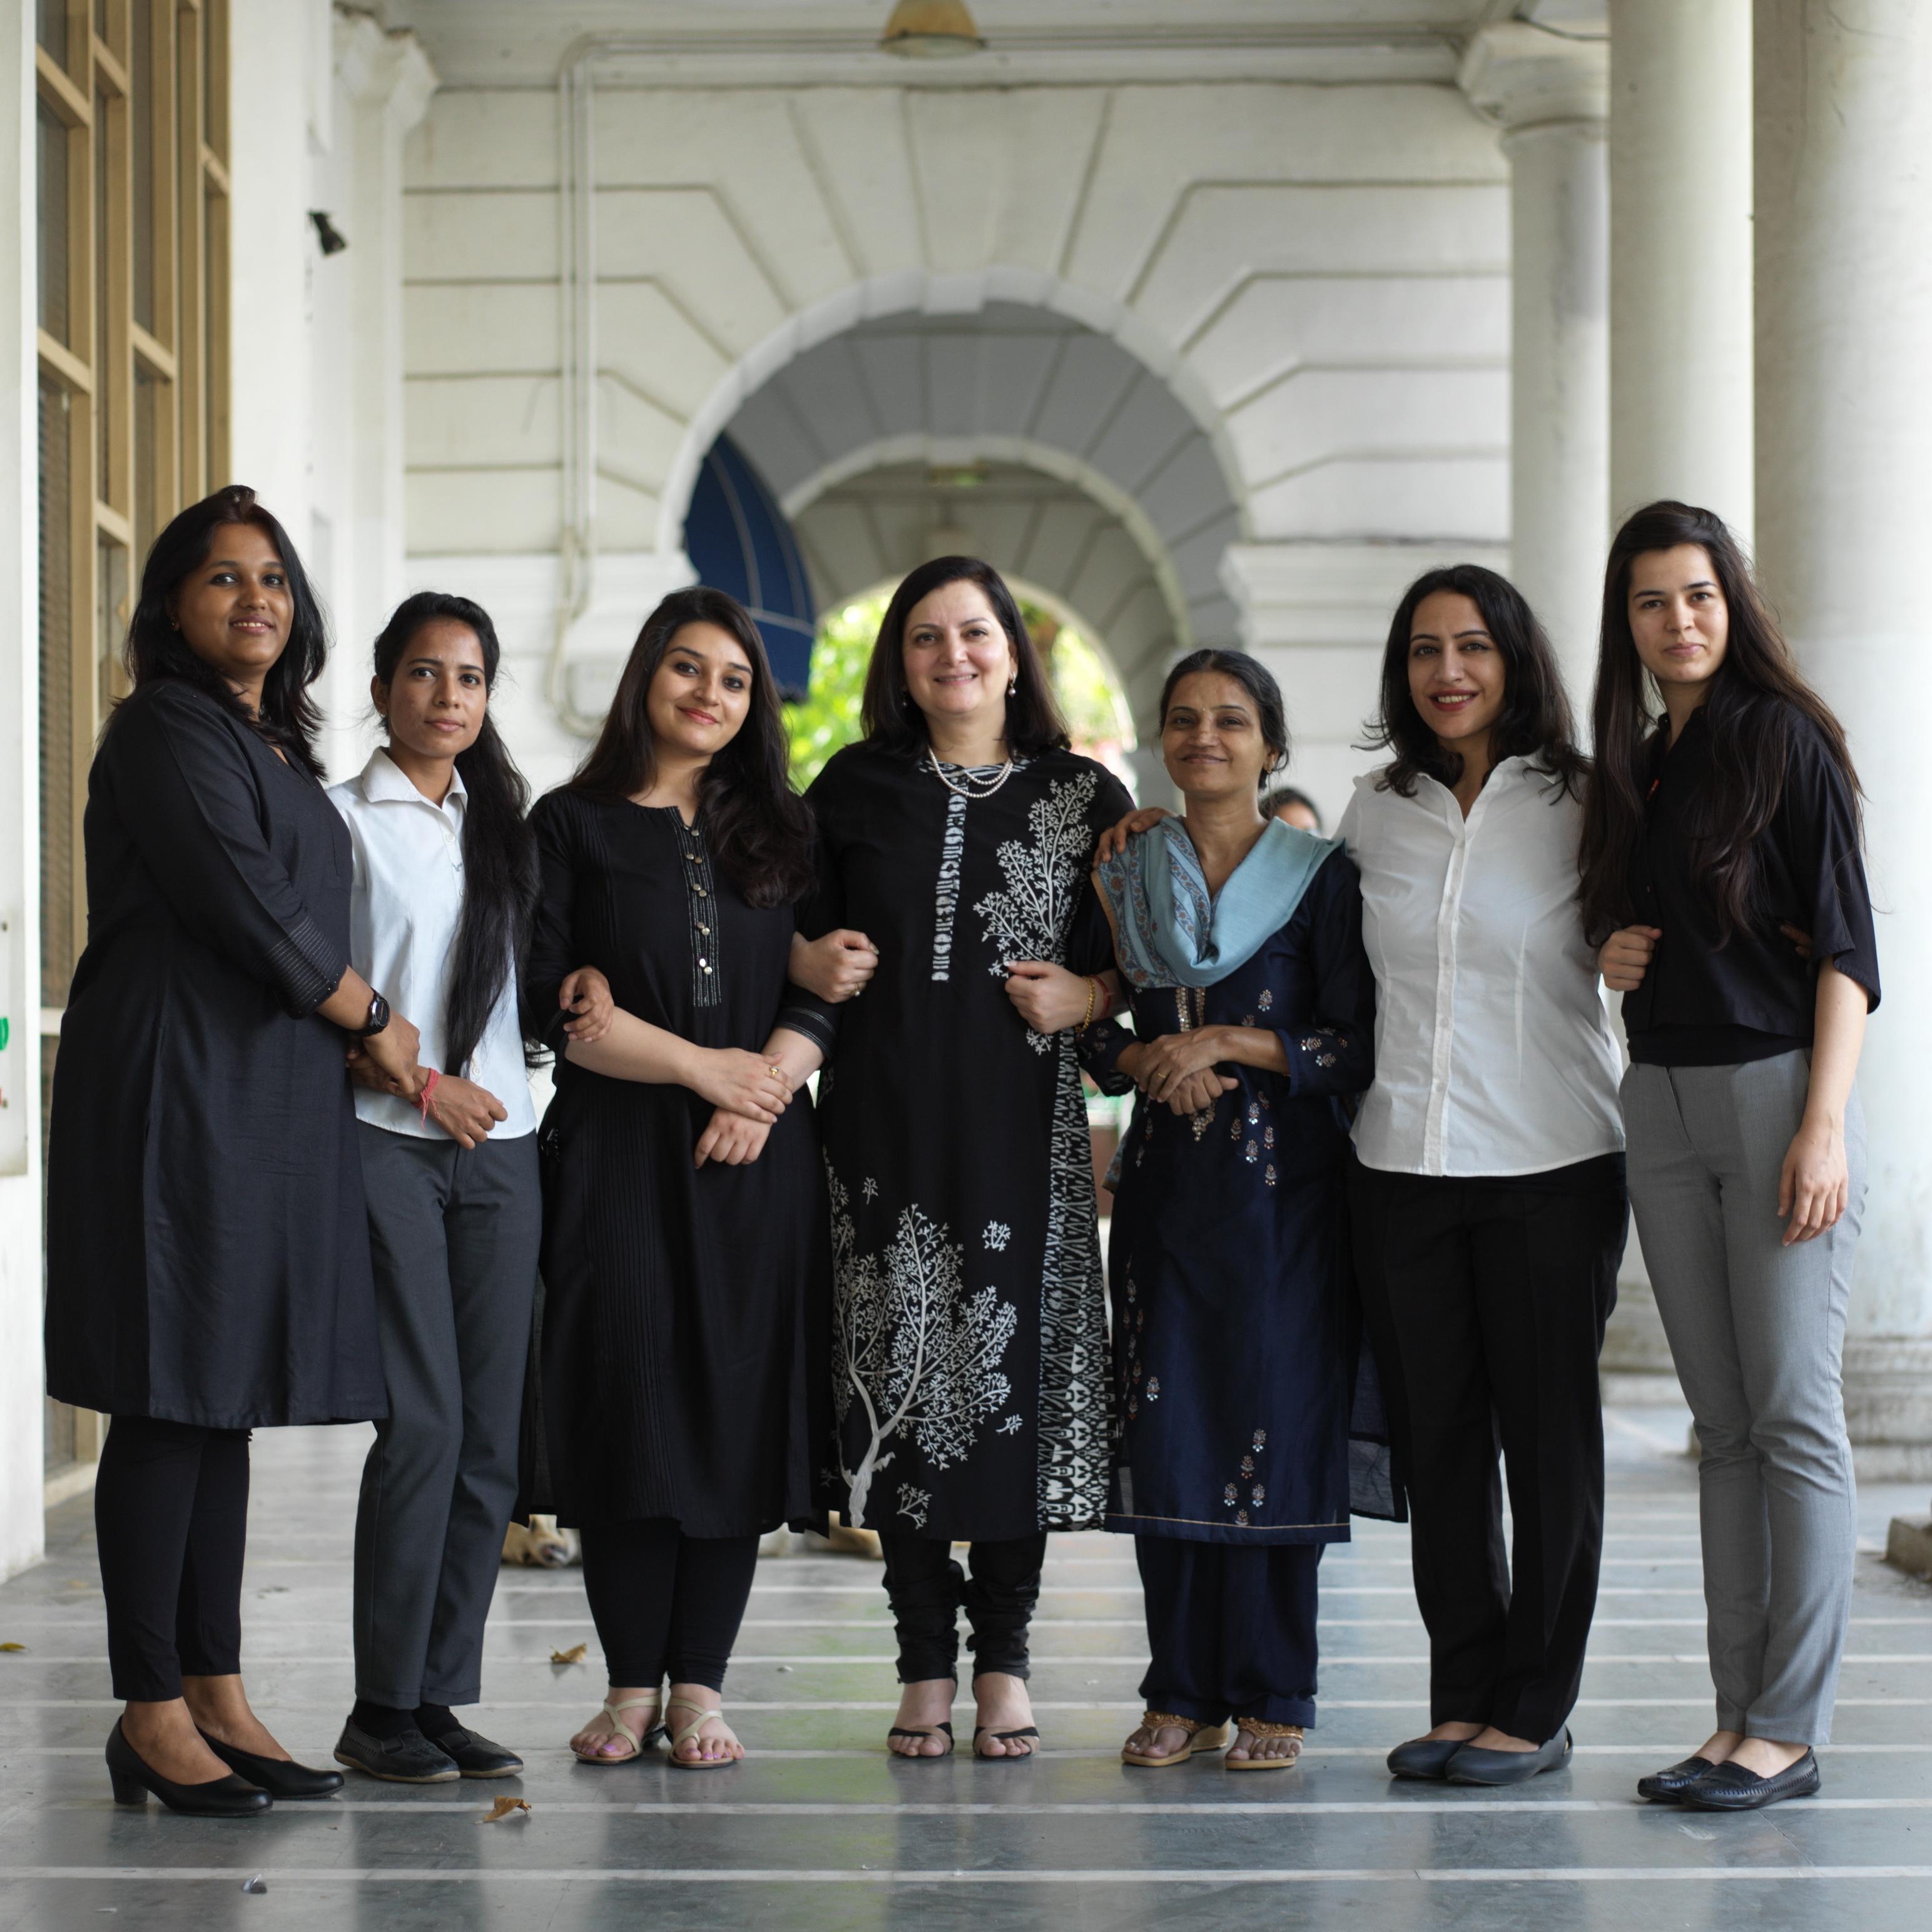 The all-women dream team